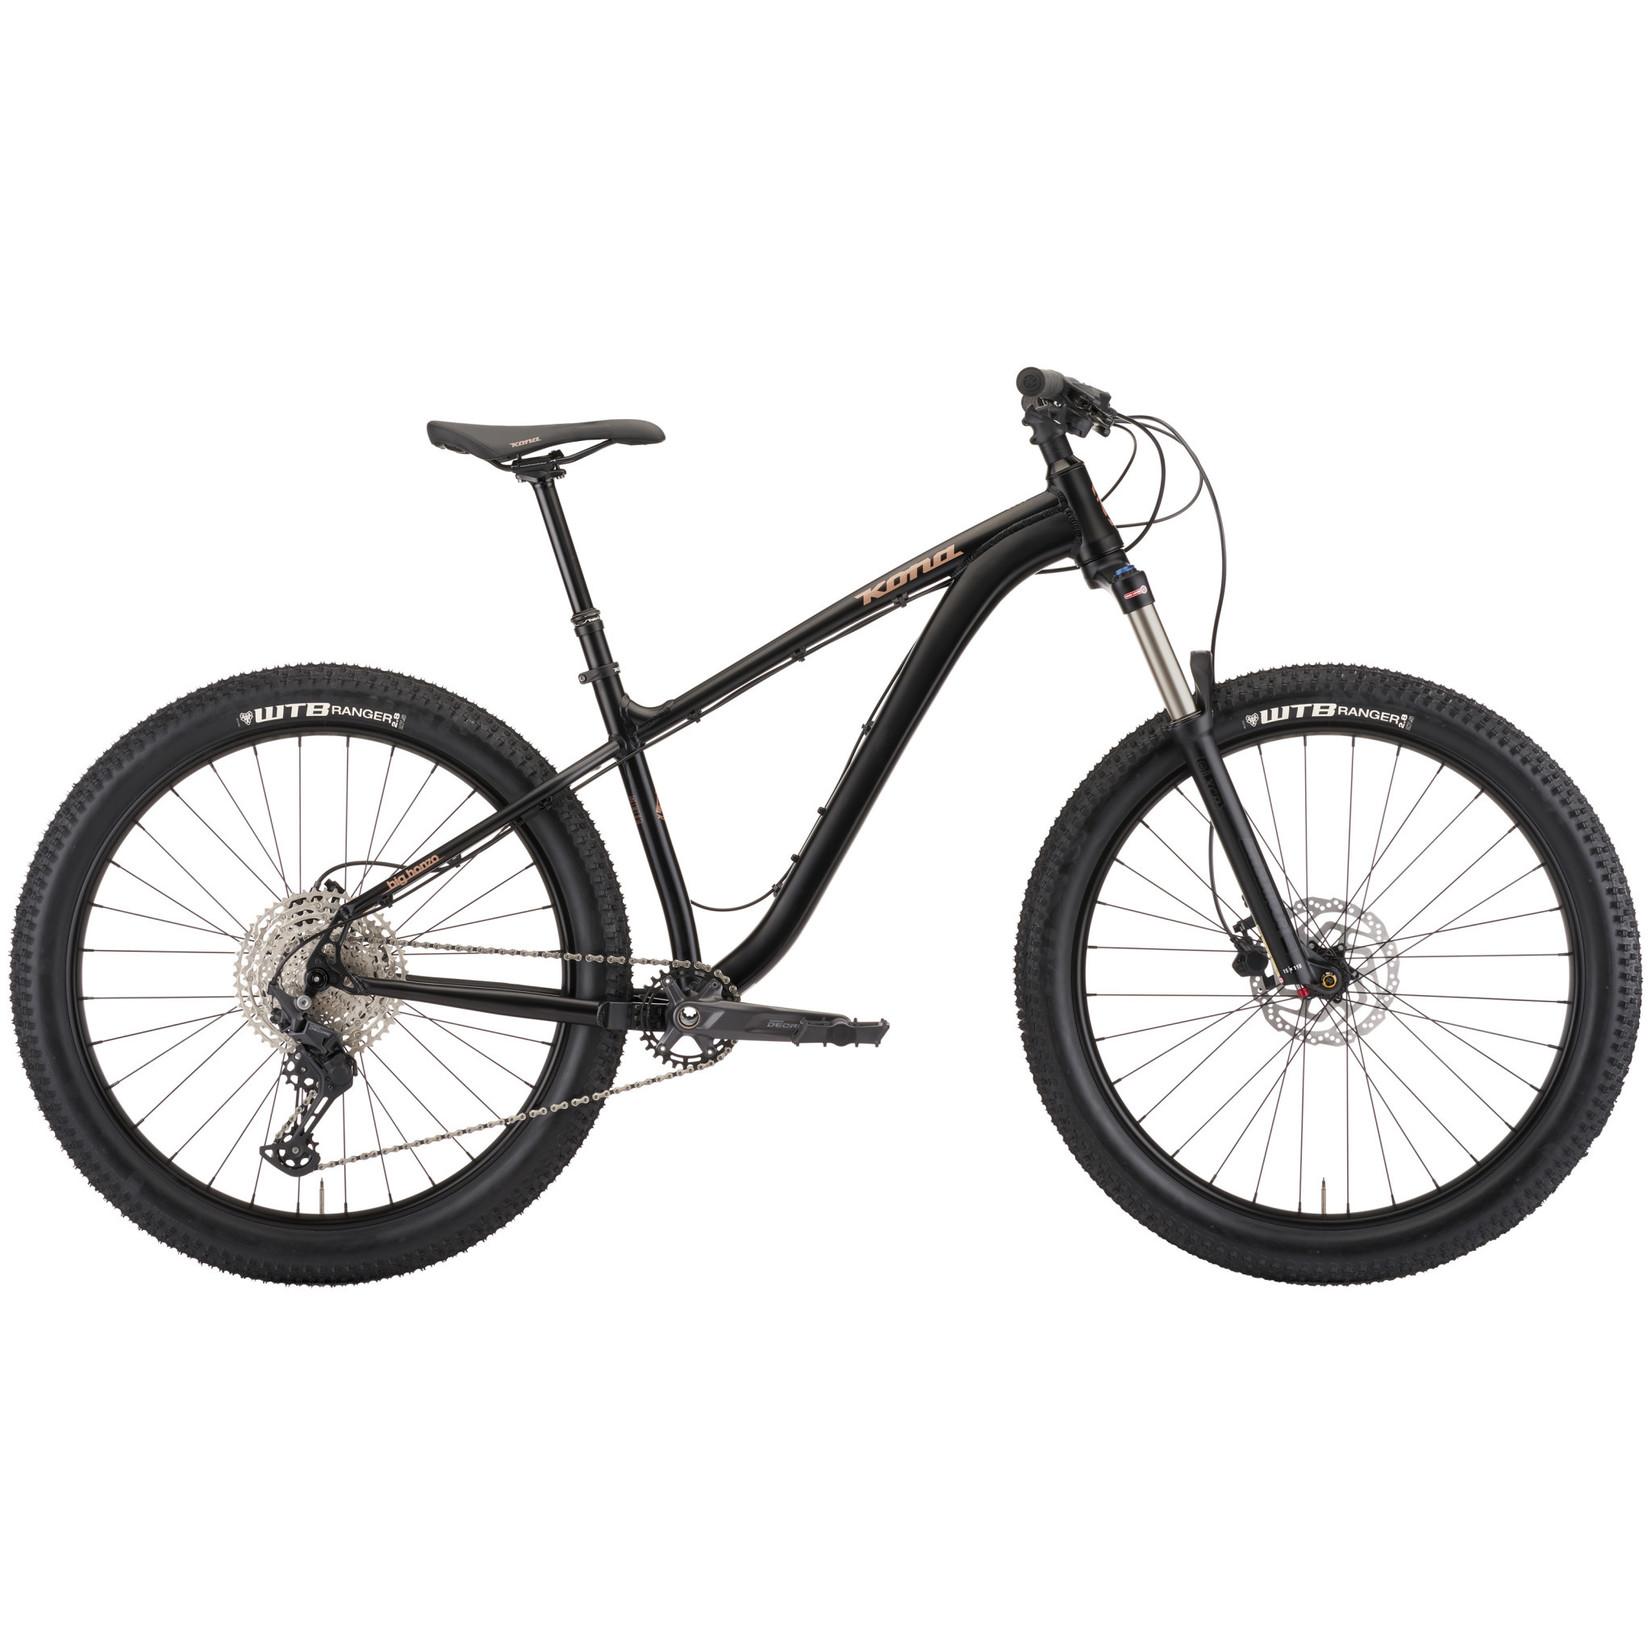 Kona Bikes Kona Big Honzo